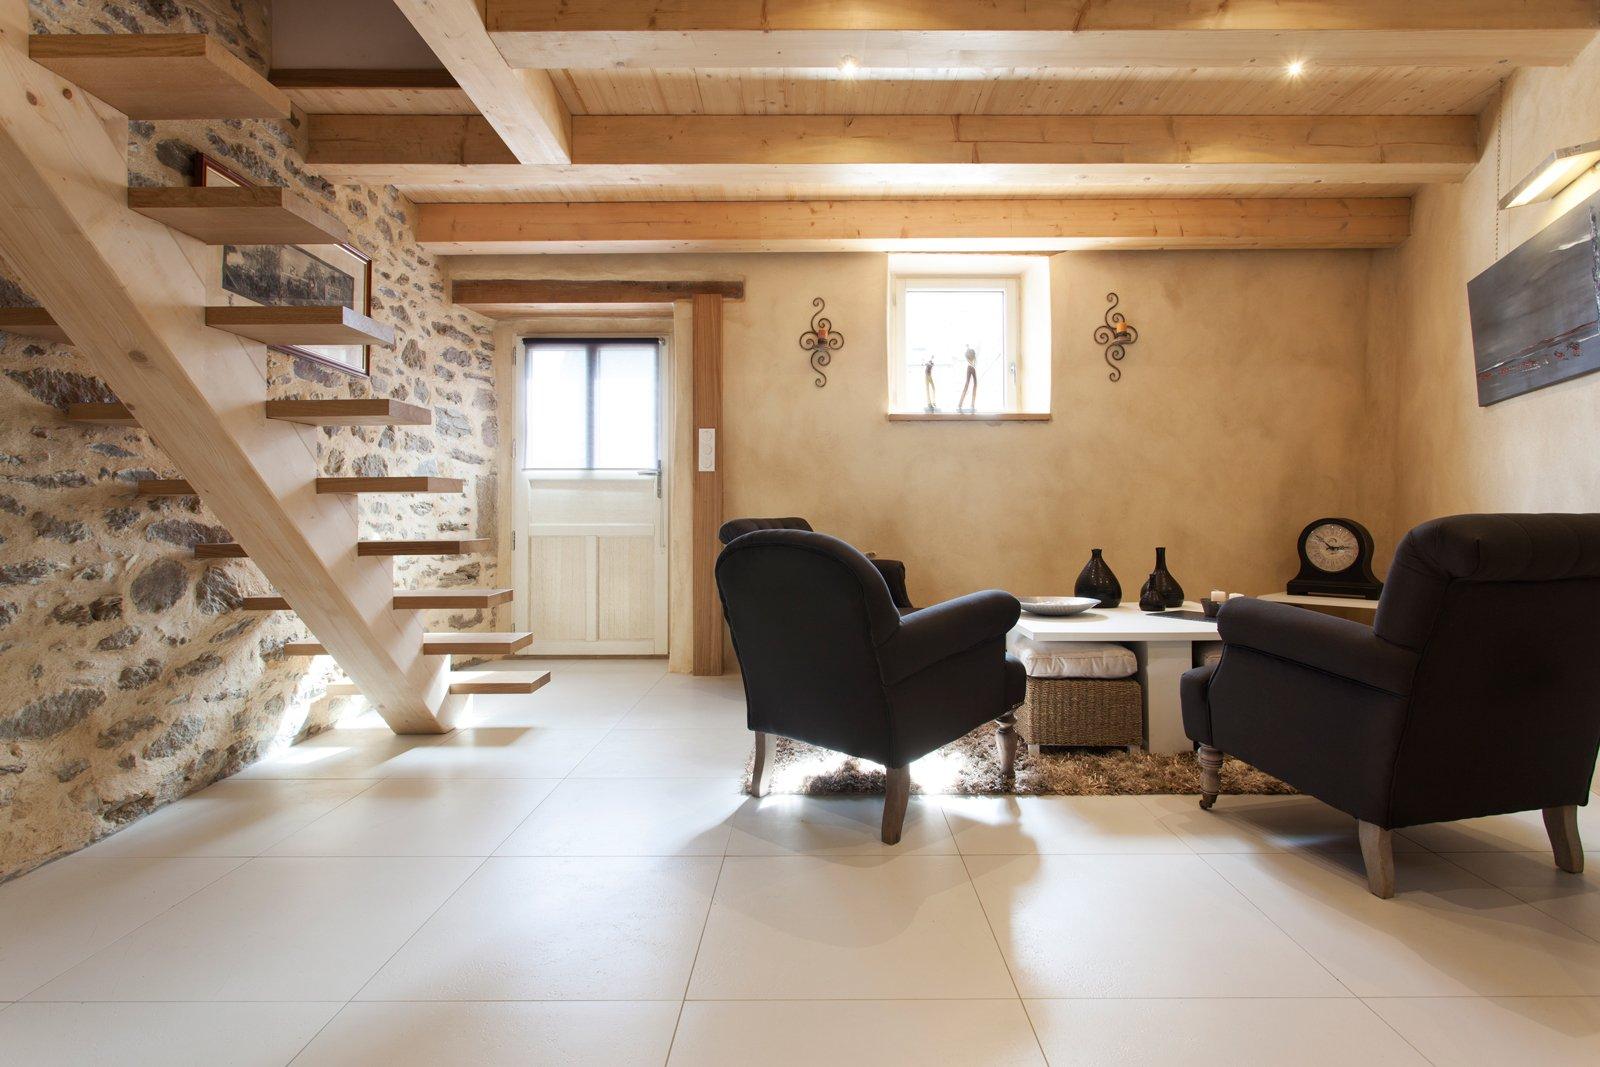 gres porcellanato ceramica italiana di qualit nelle case